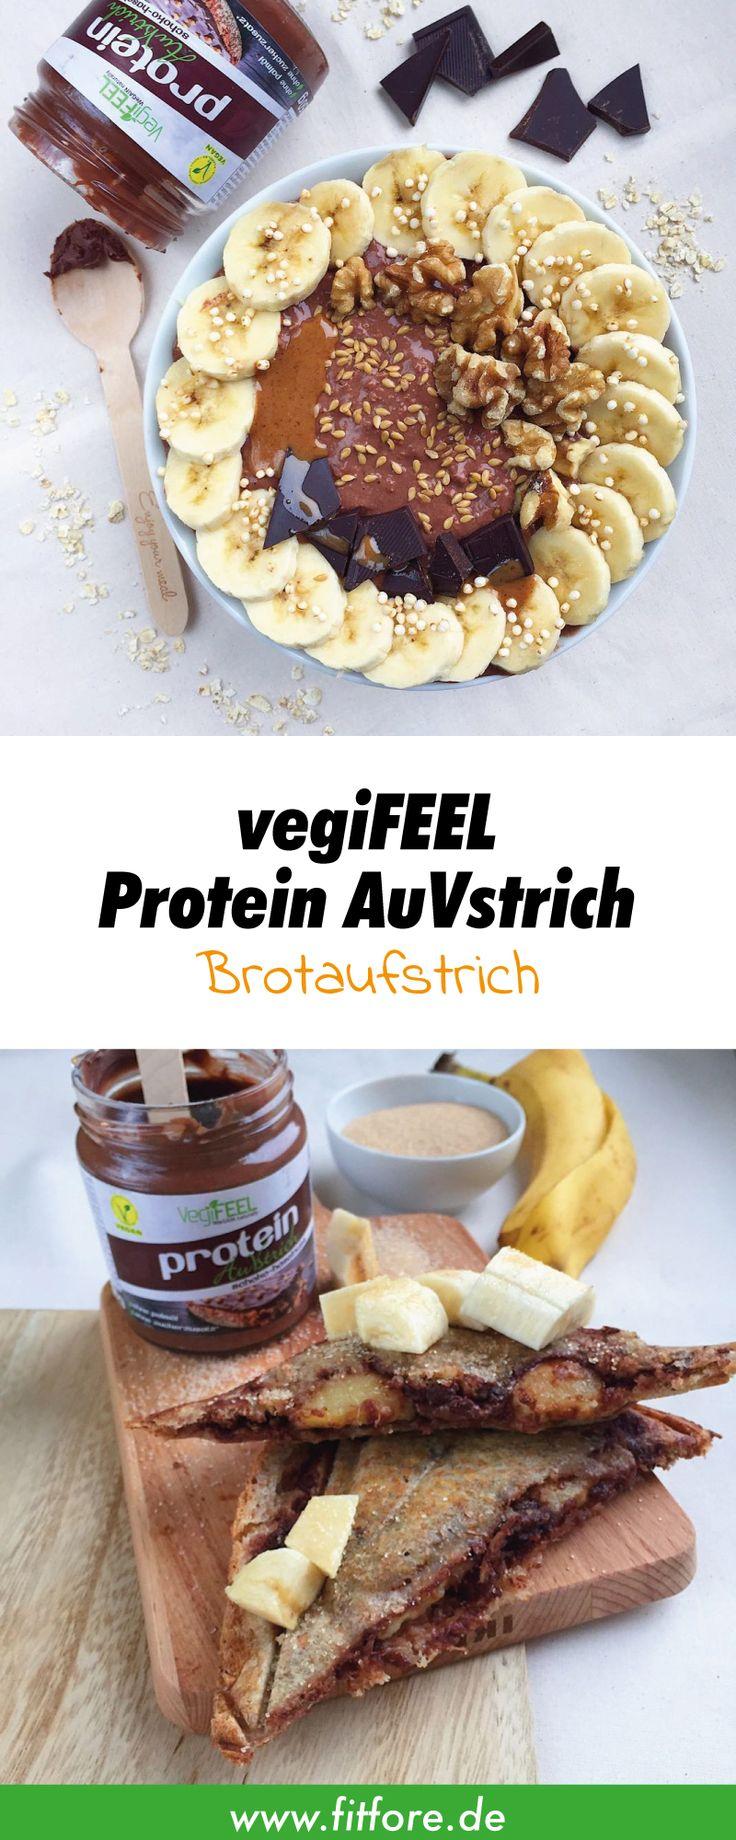 vegiFEEL Protein AuVstrich ist eine vegane Nuss-Nougat-Cream ohne Palmöl und Zucker. Den besonders hohe Proteinanteil im Schokoaufstrich liefert Erbsenprotein.